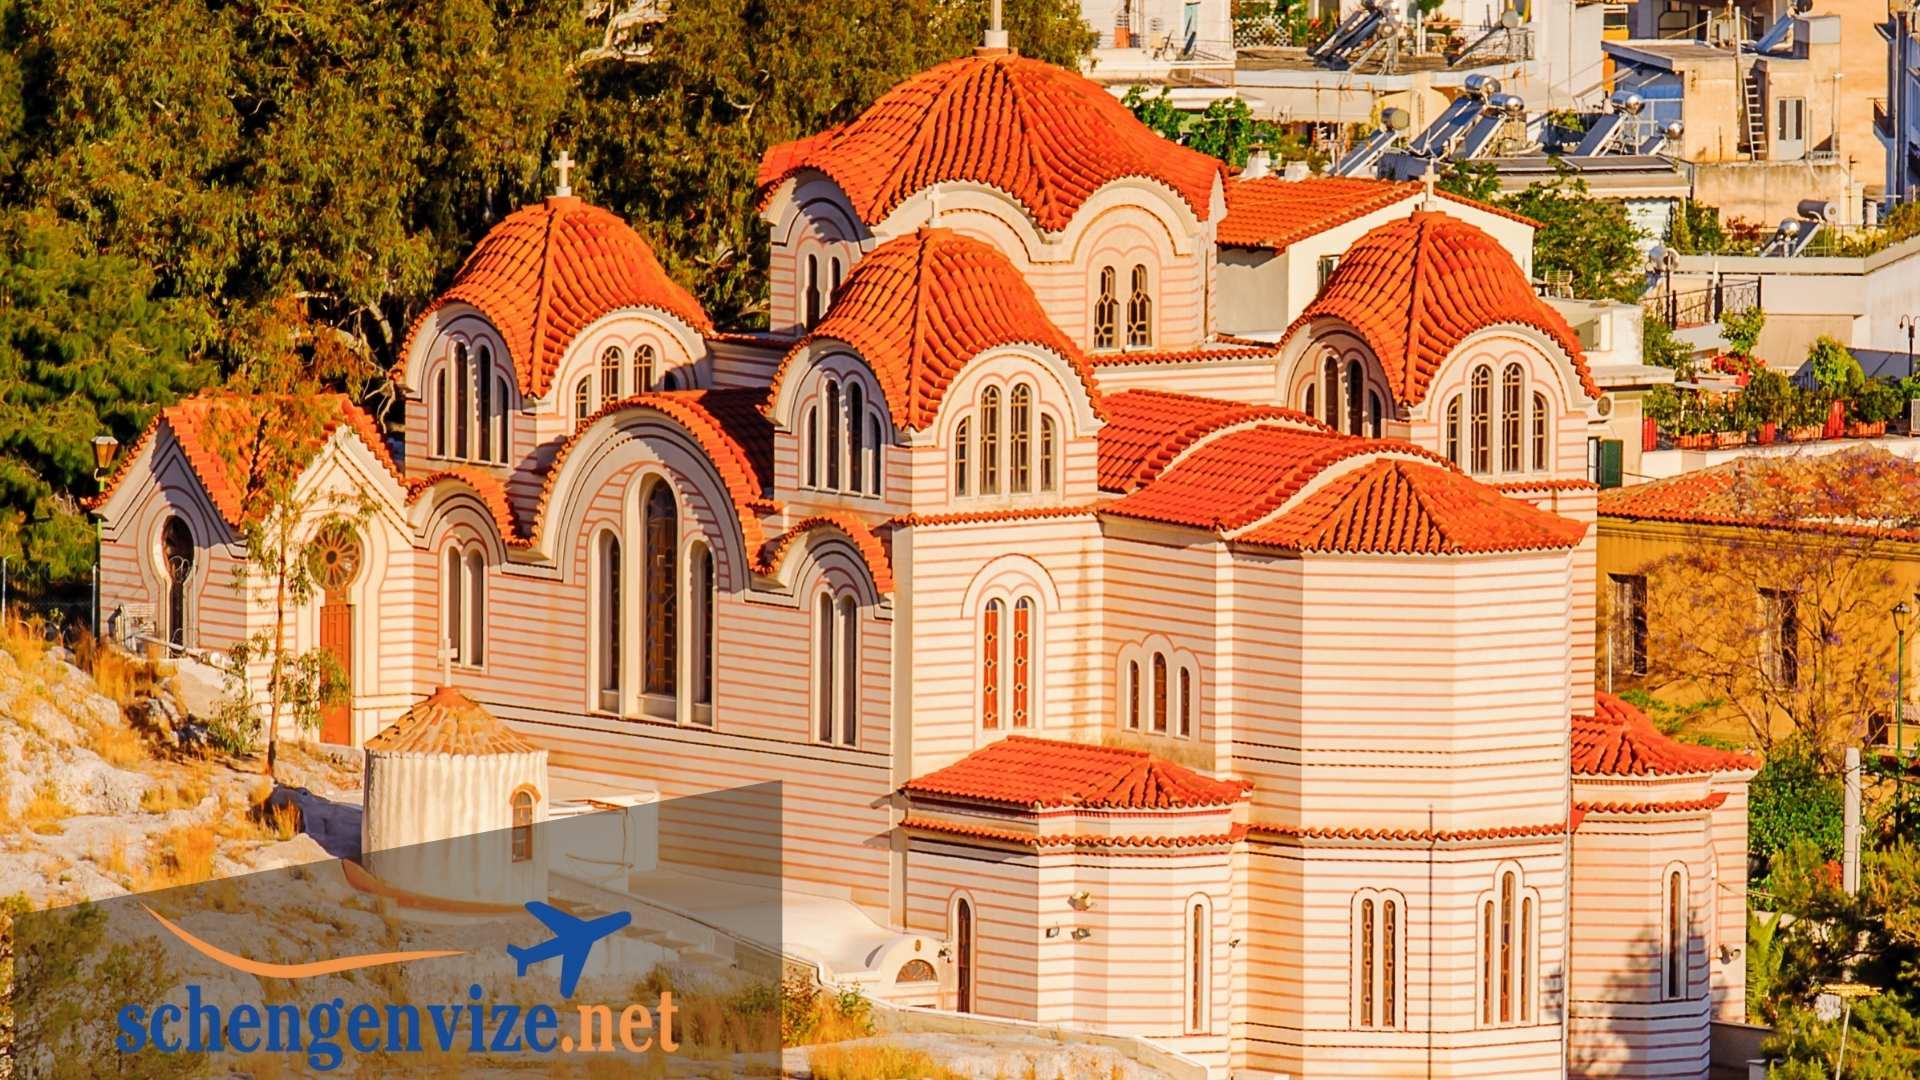 Yunanistan Vize Başvurusunda Dikkat Edilmesi Gerekenler